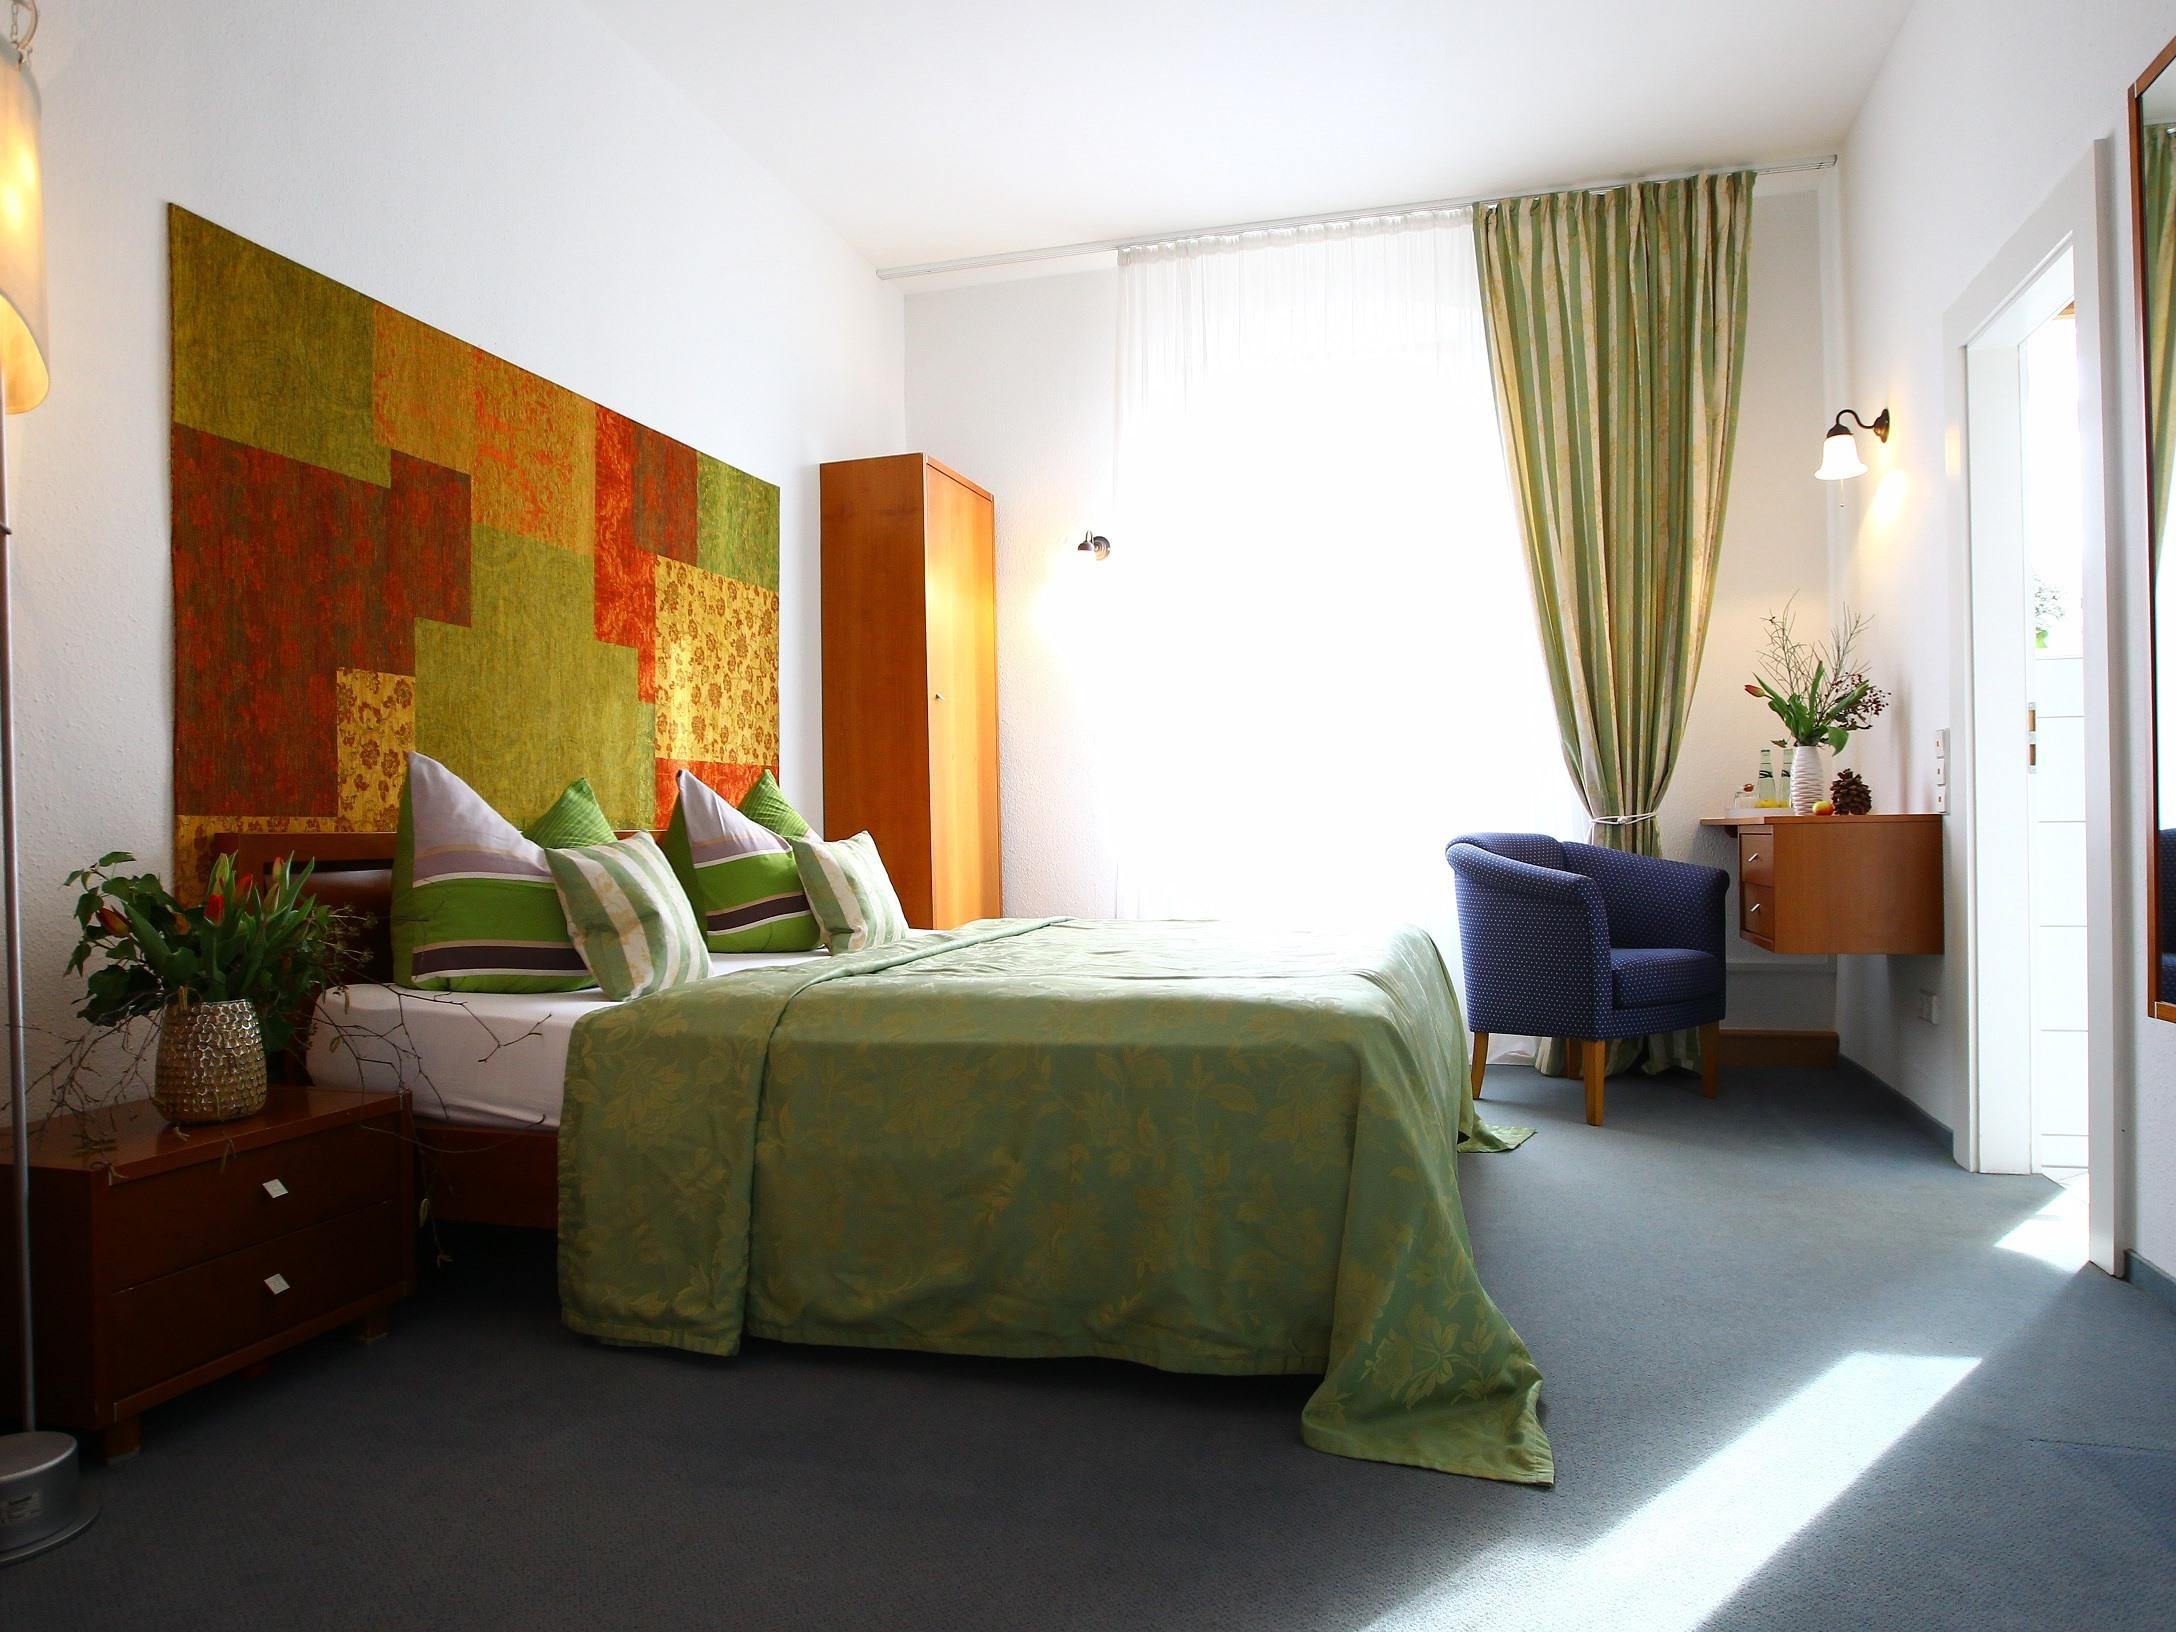 Doppelzimmer-Exklusiv-Ensuite Dusche-Gartenblick-Schloss 204